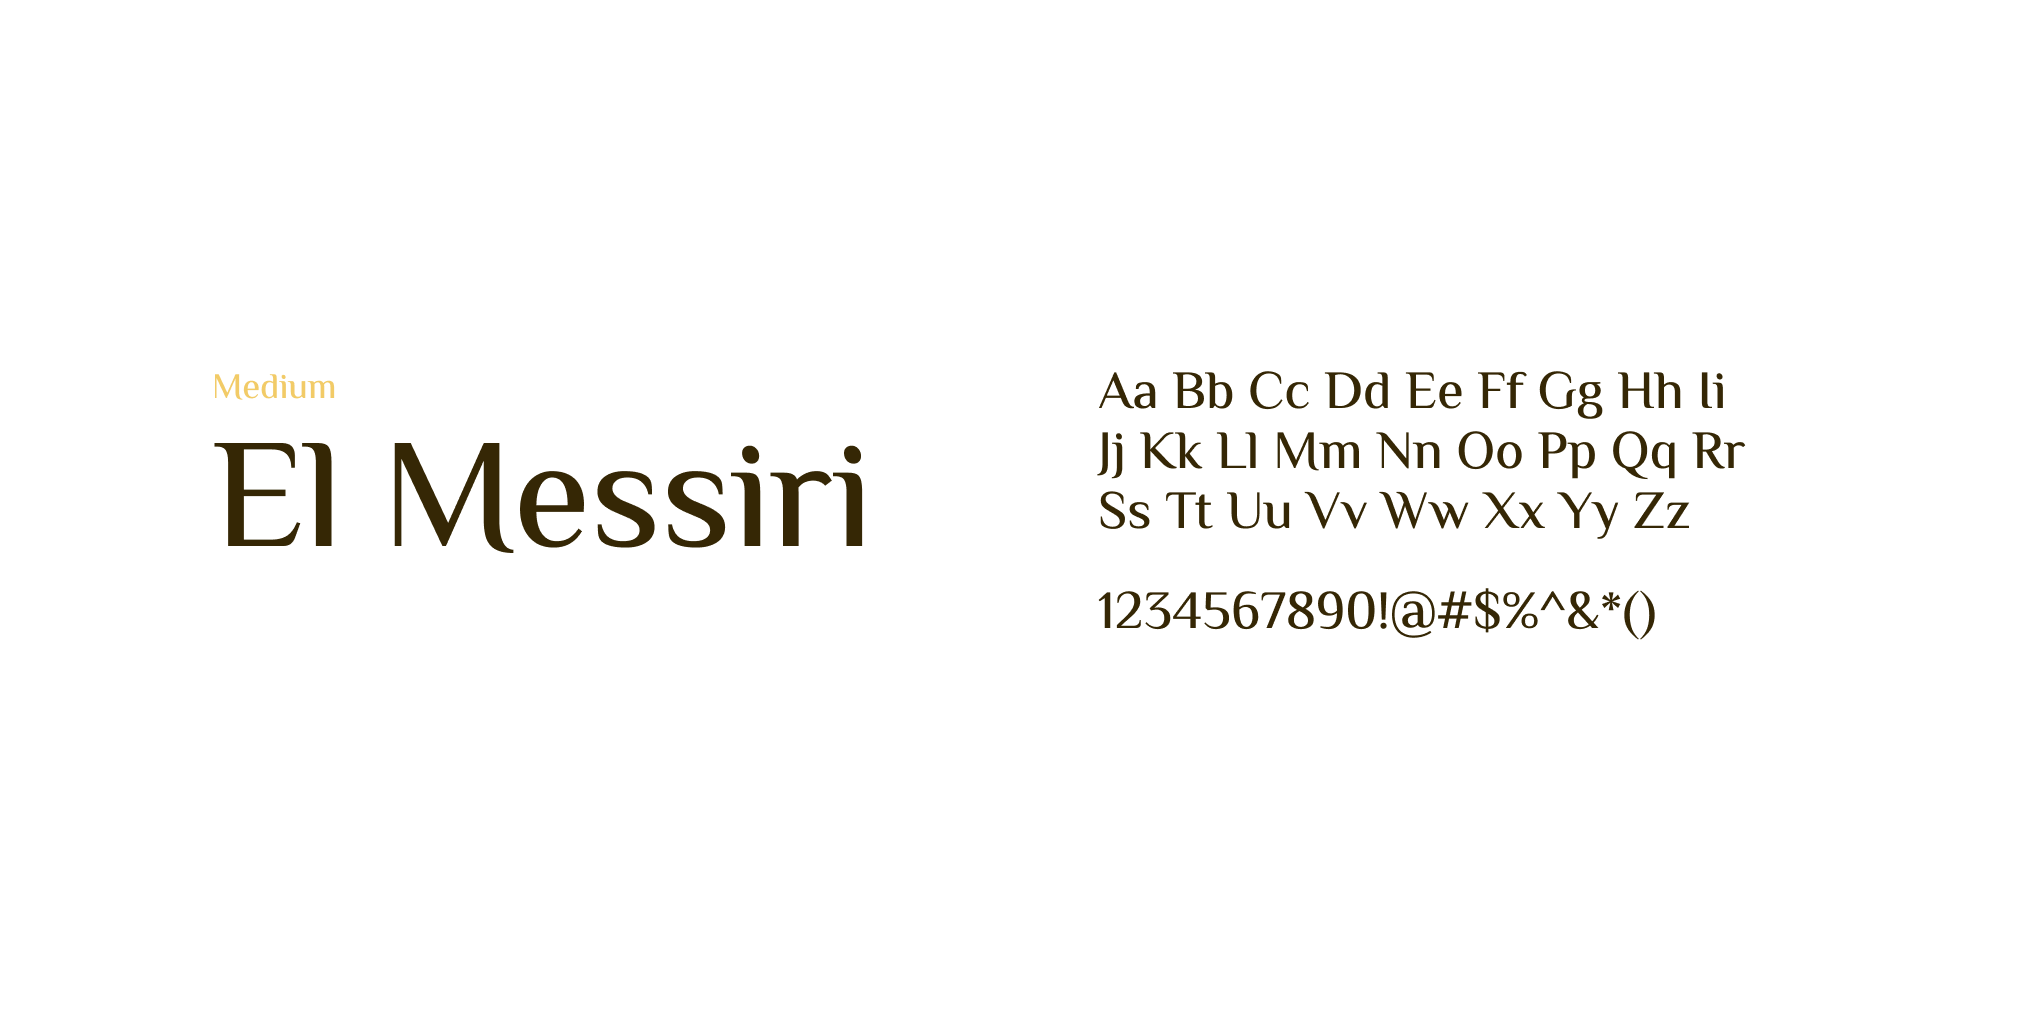 El Messiri